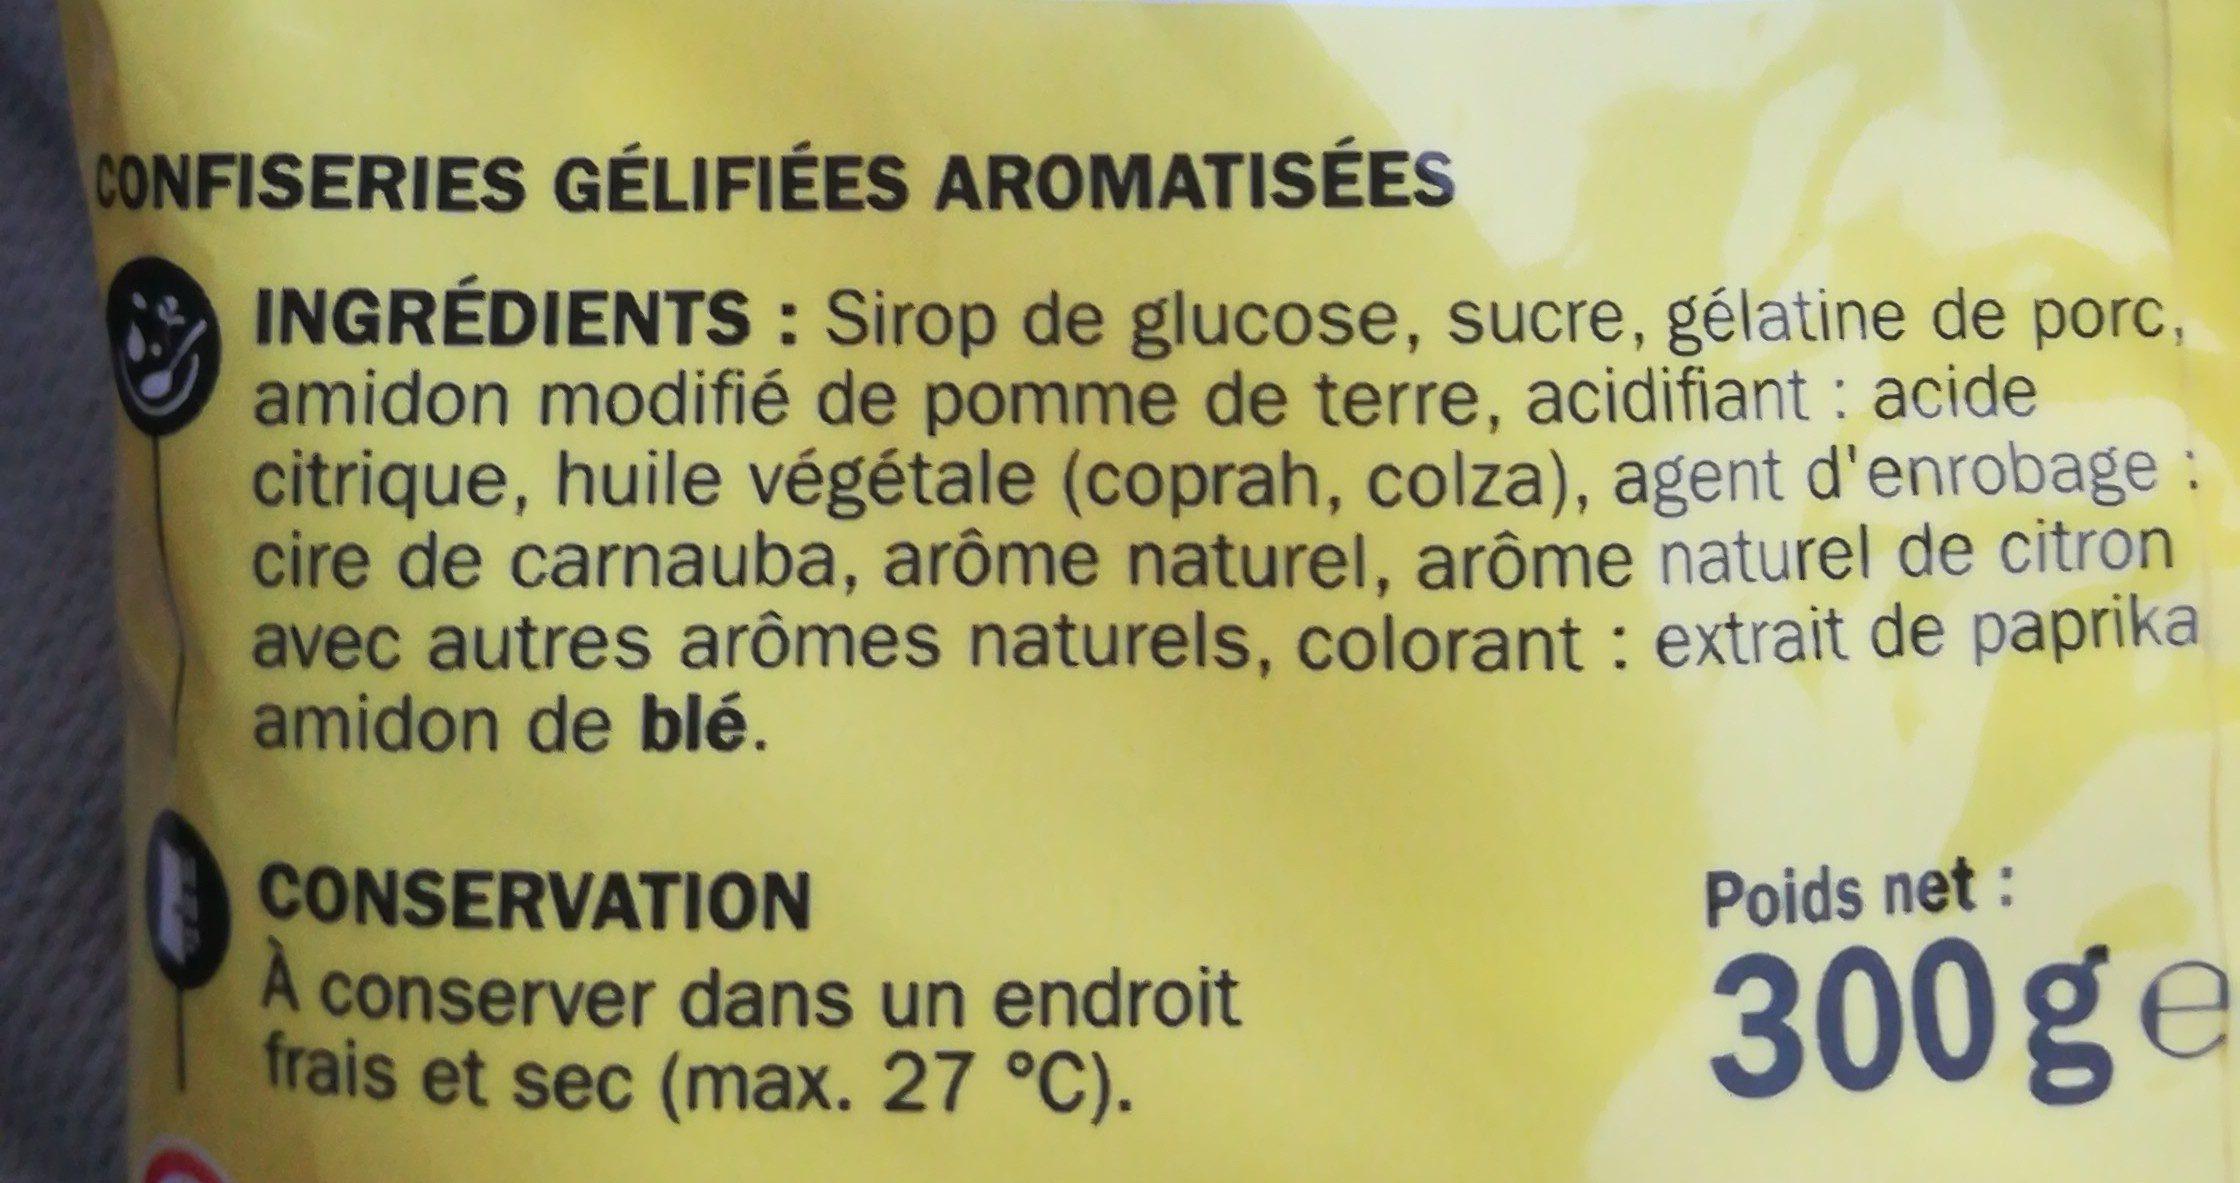 Gélifiés oeufs sur le plat - Ingredients - fr